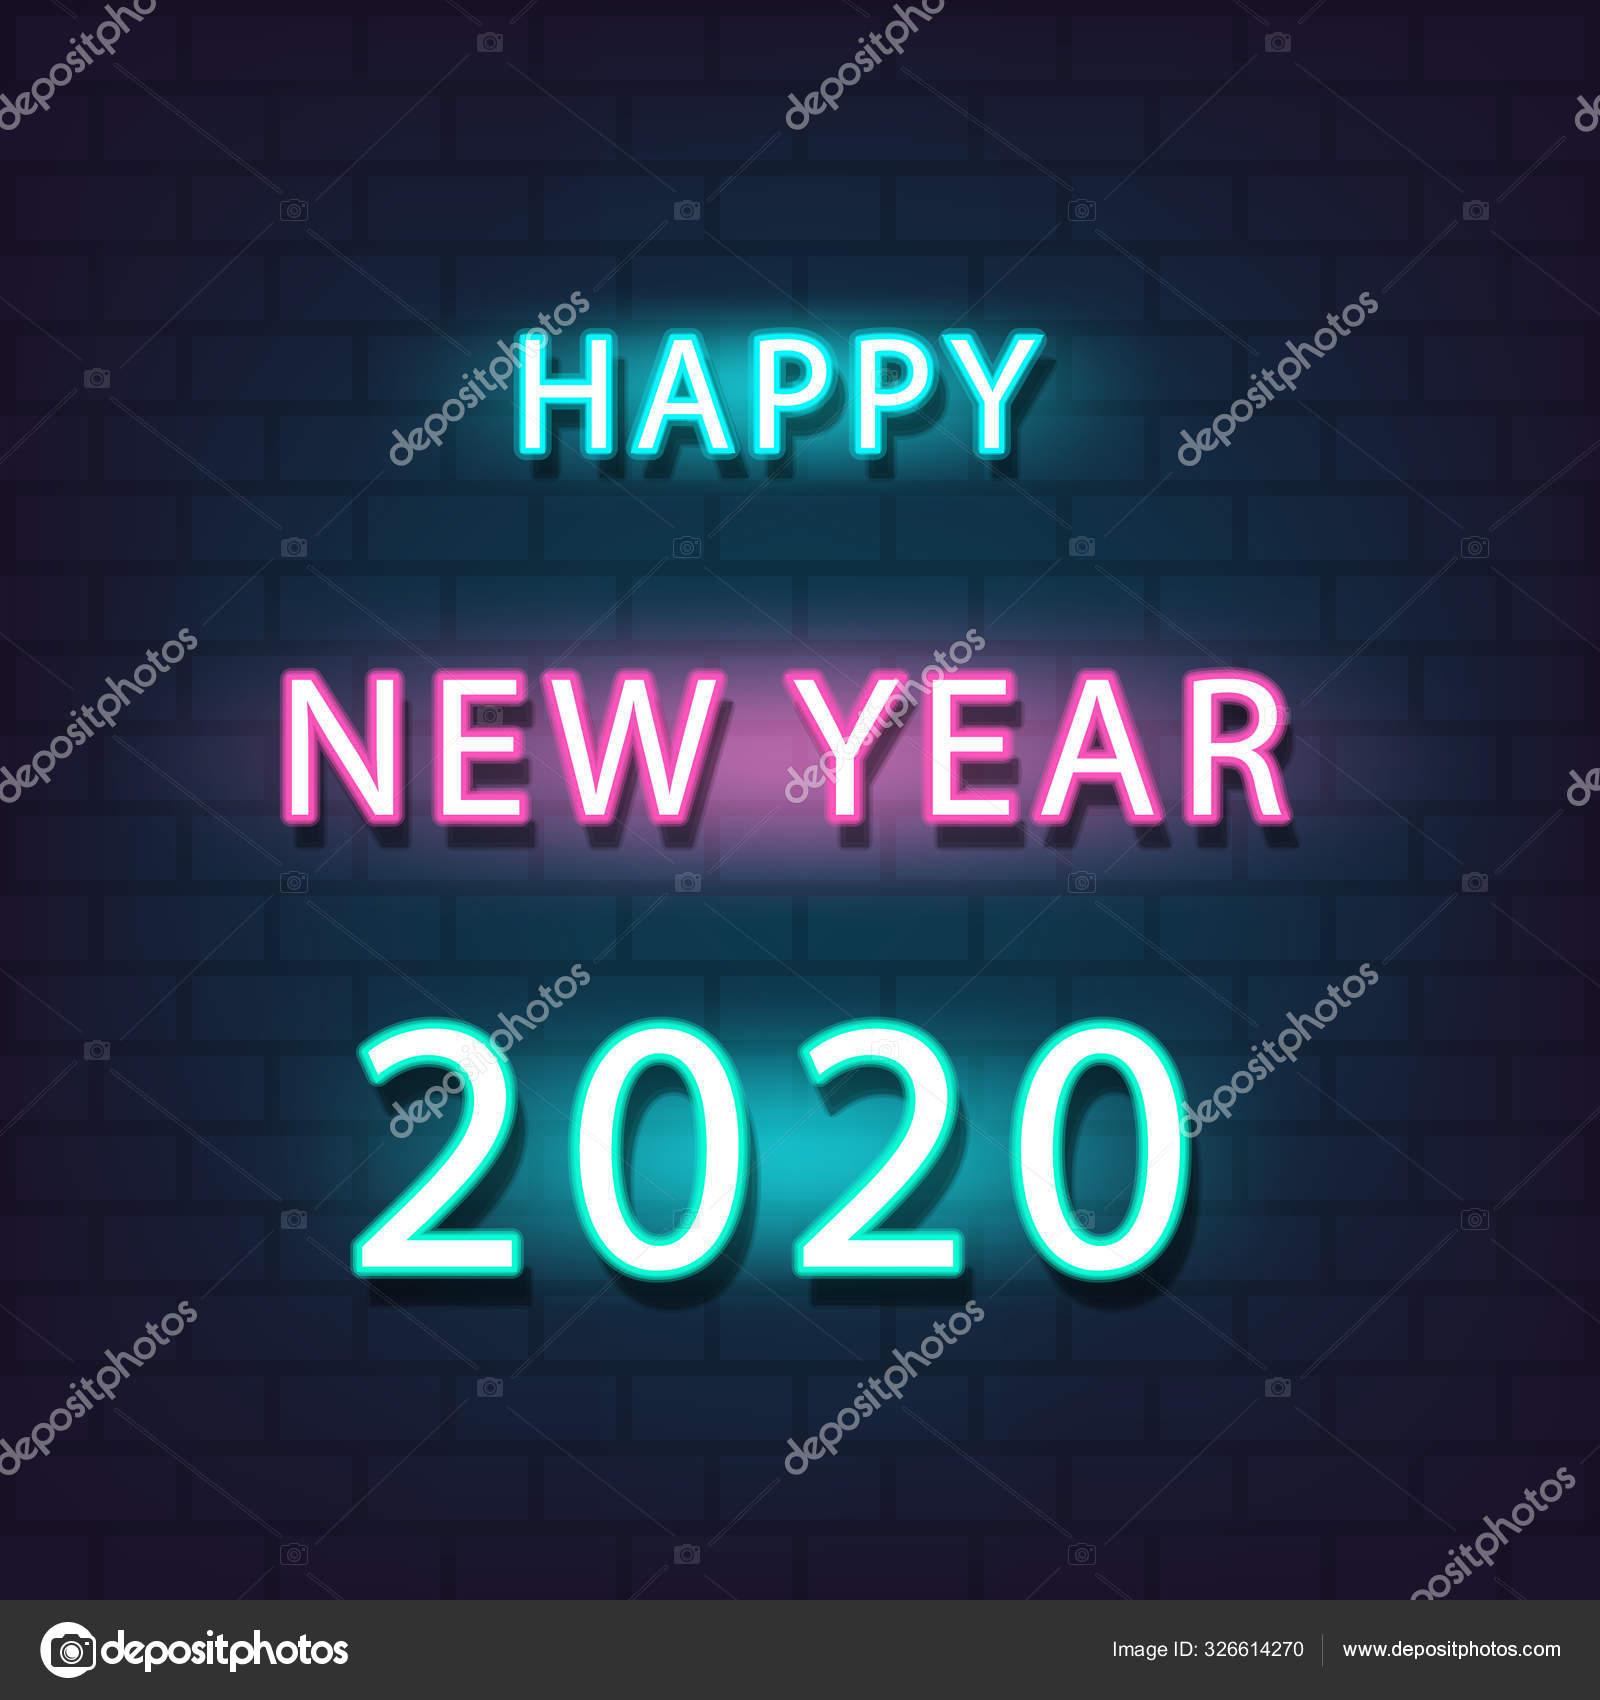 Стоковые Векторные Изображения 2020 Calendar  Страница 5 within Depo Provera Calendar 2020